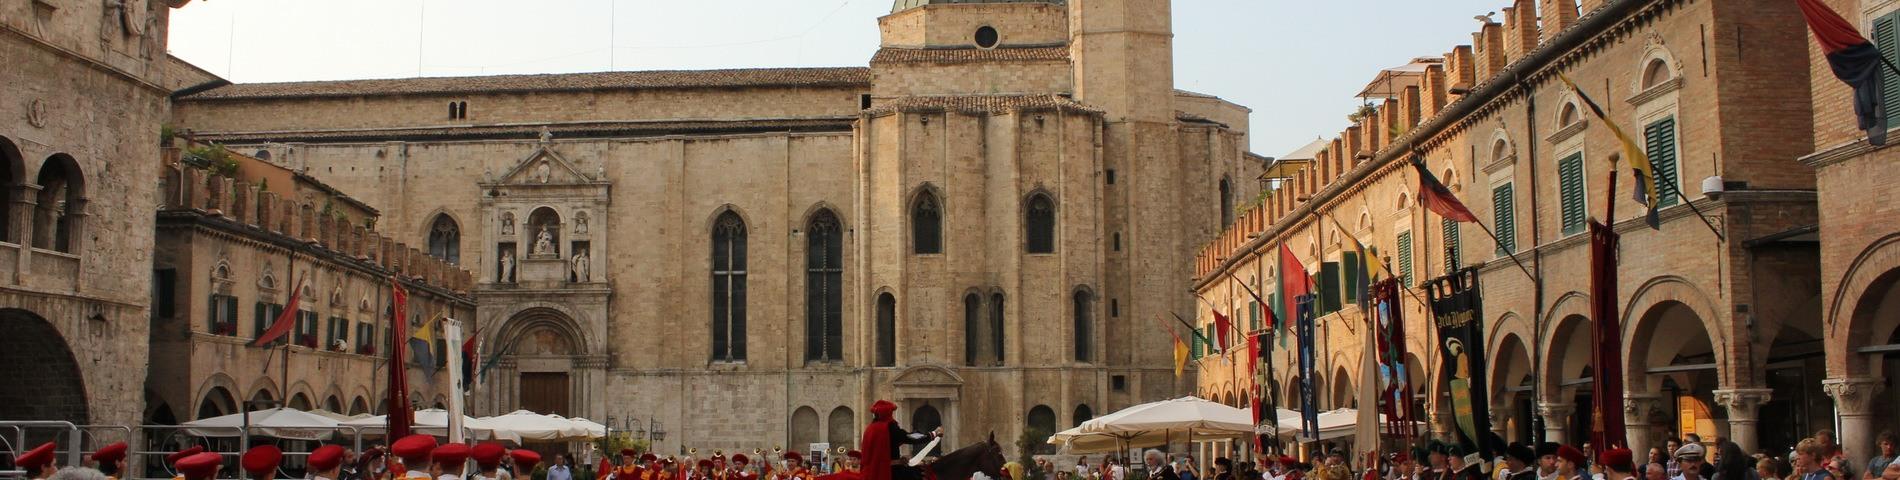 Centro Culturale Conero billede 1